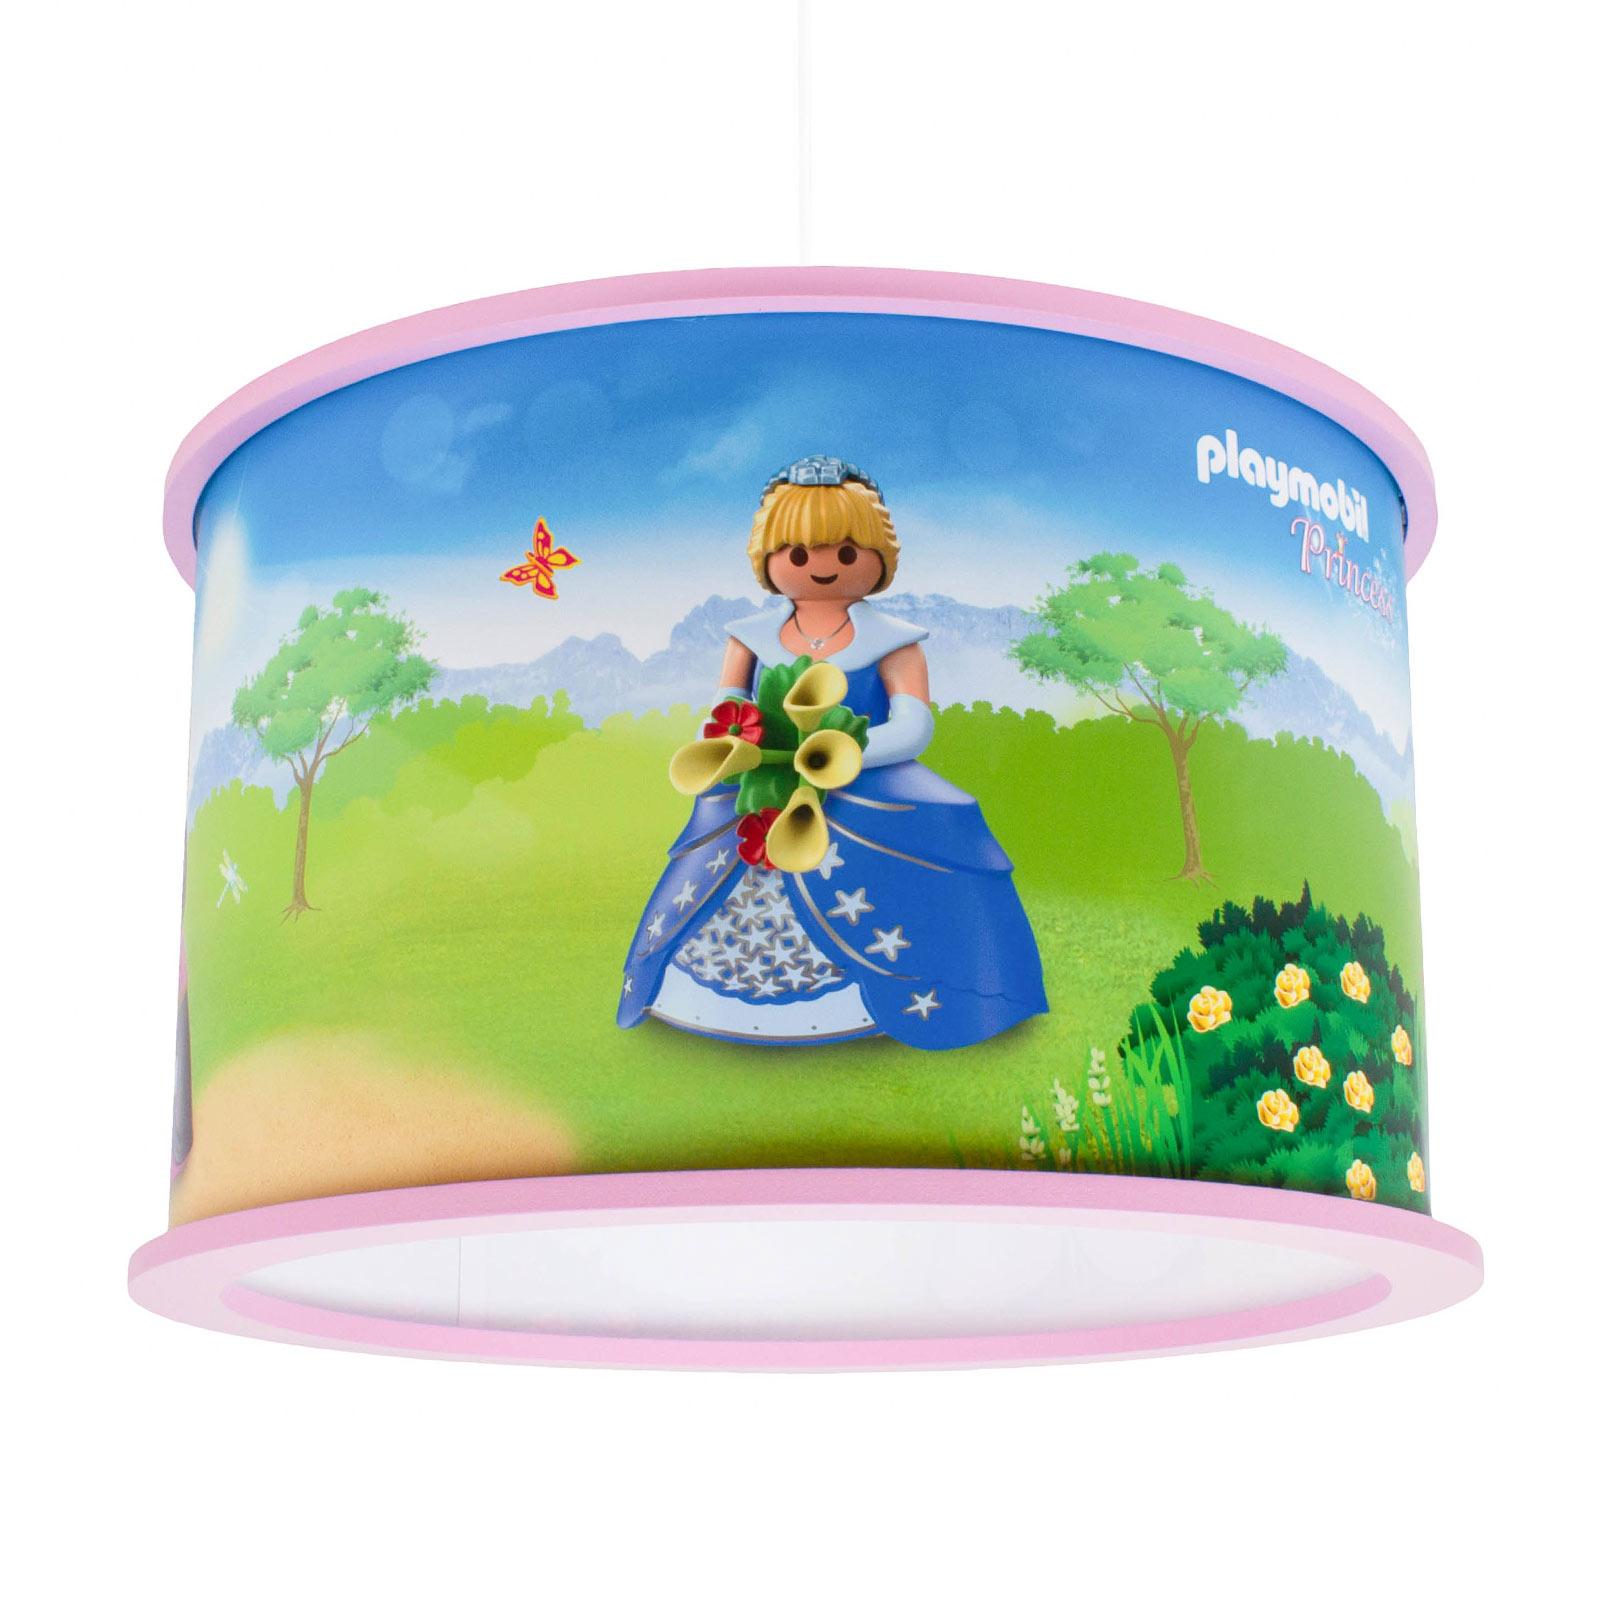 Hanglamp 25/40 PLAYMOBIL Princess